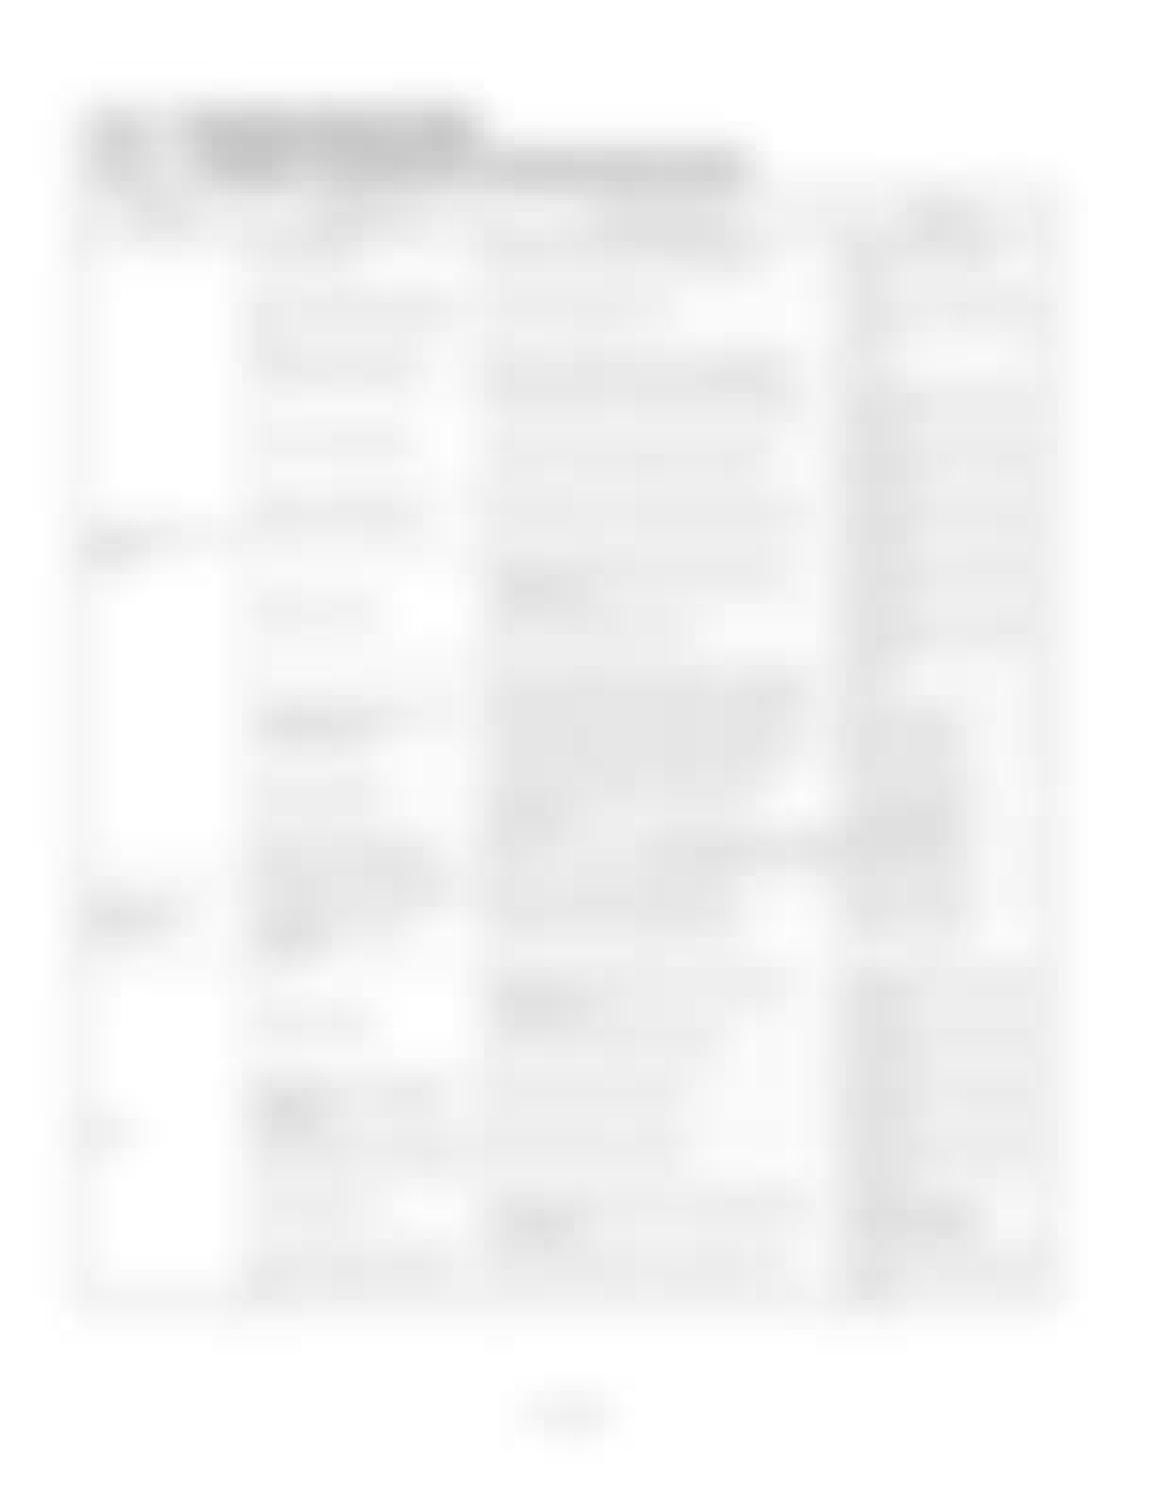 Hitachi LX110-7 LX130-7 LX160-7 LX190-7 LX230-7 Wheel Loader Workshop Manual - PDF DOWNLOAD page 86